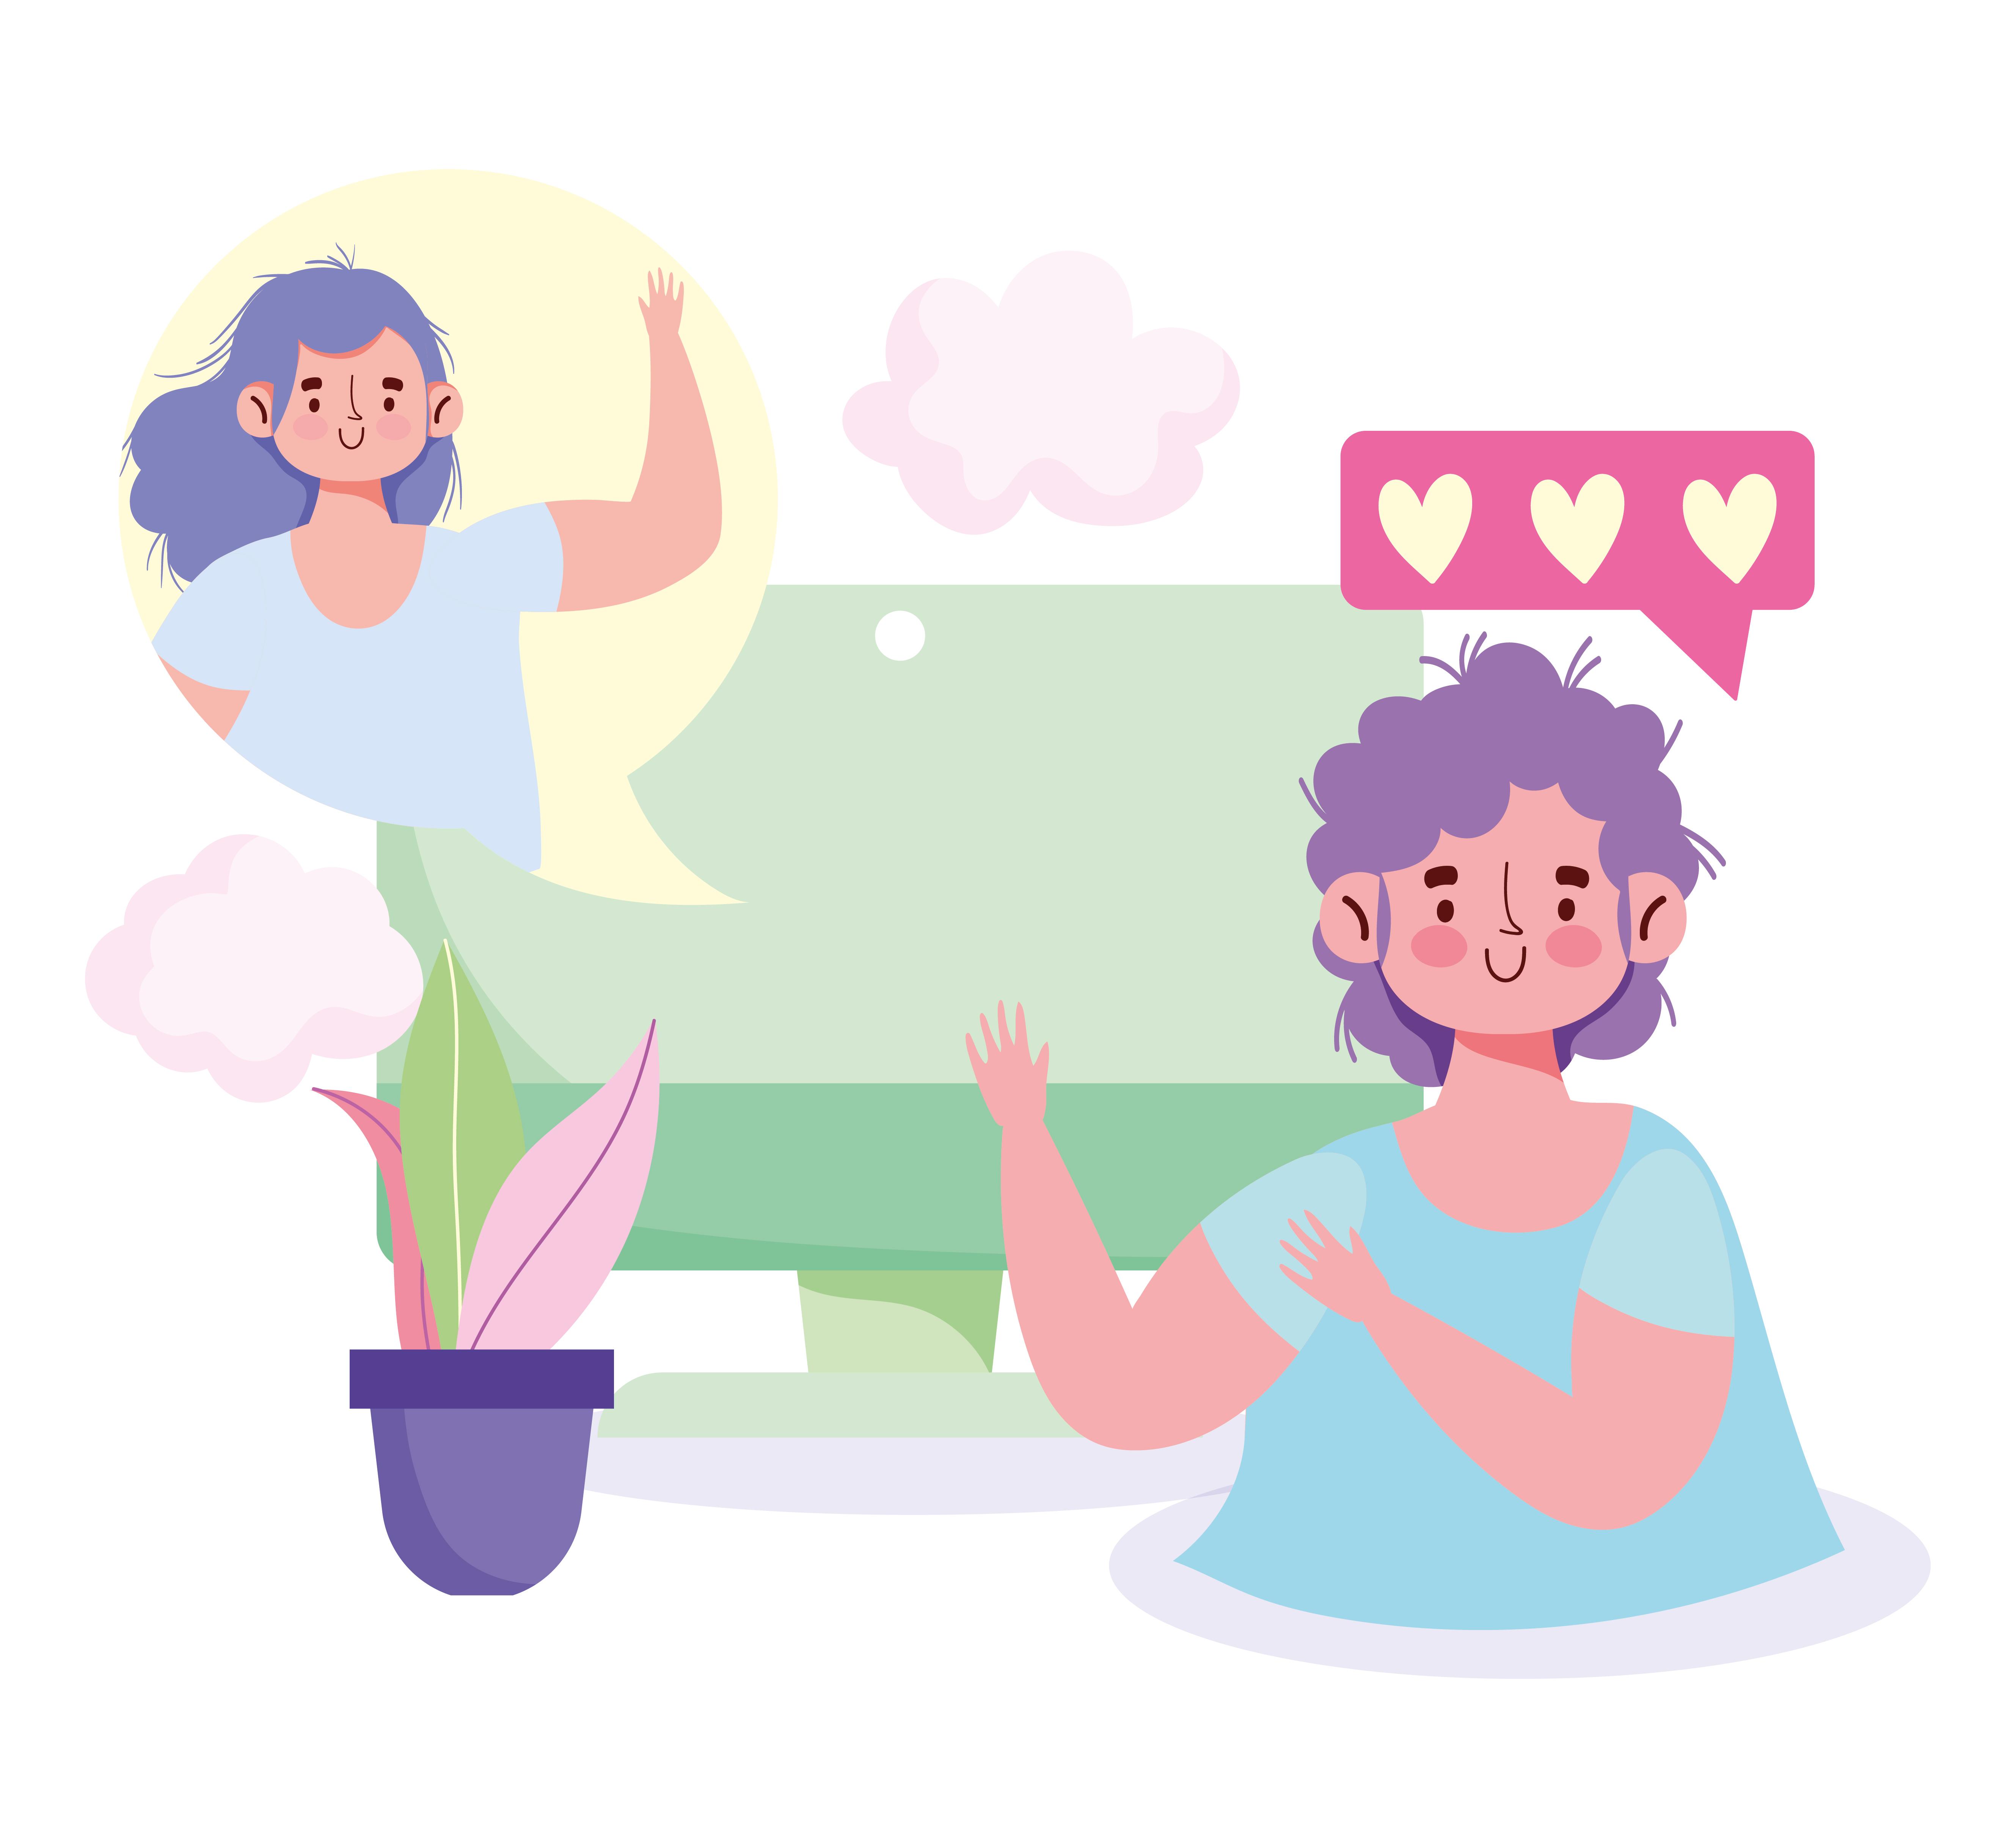 comunicação de pessoas virtualmente via computador